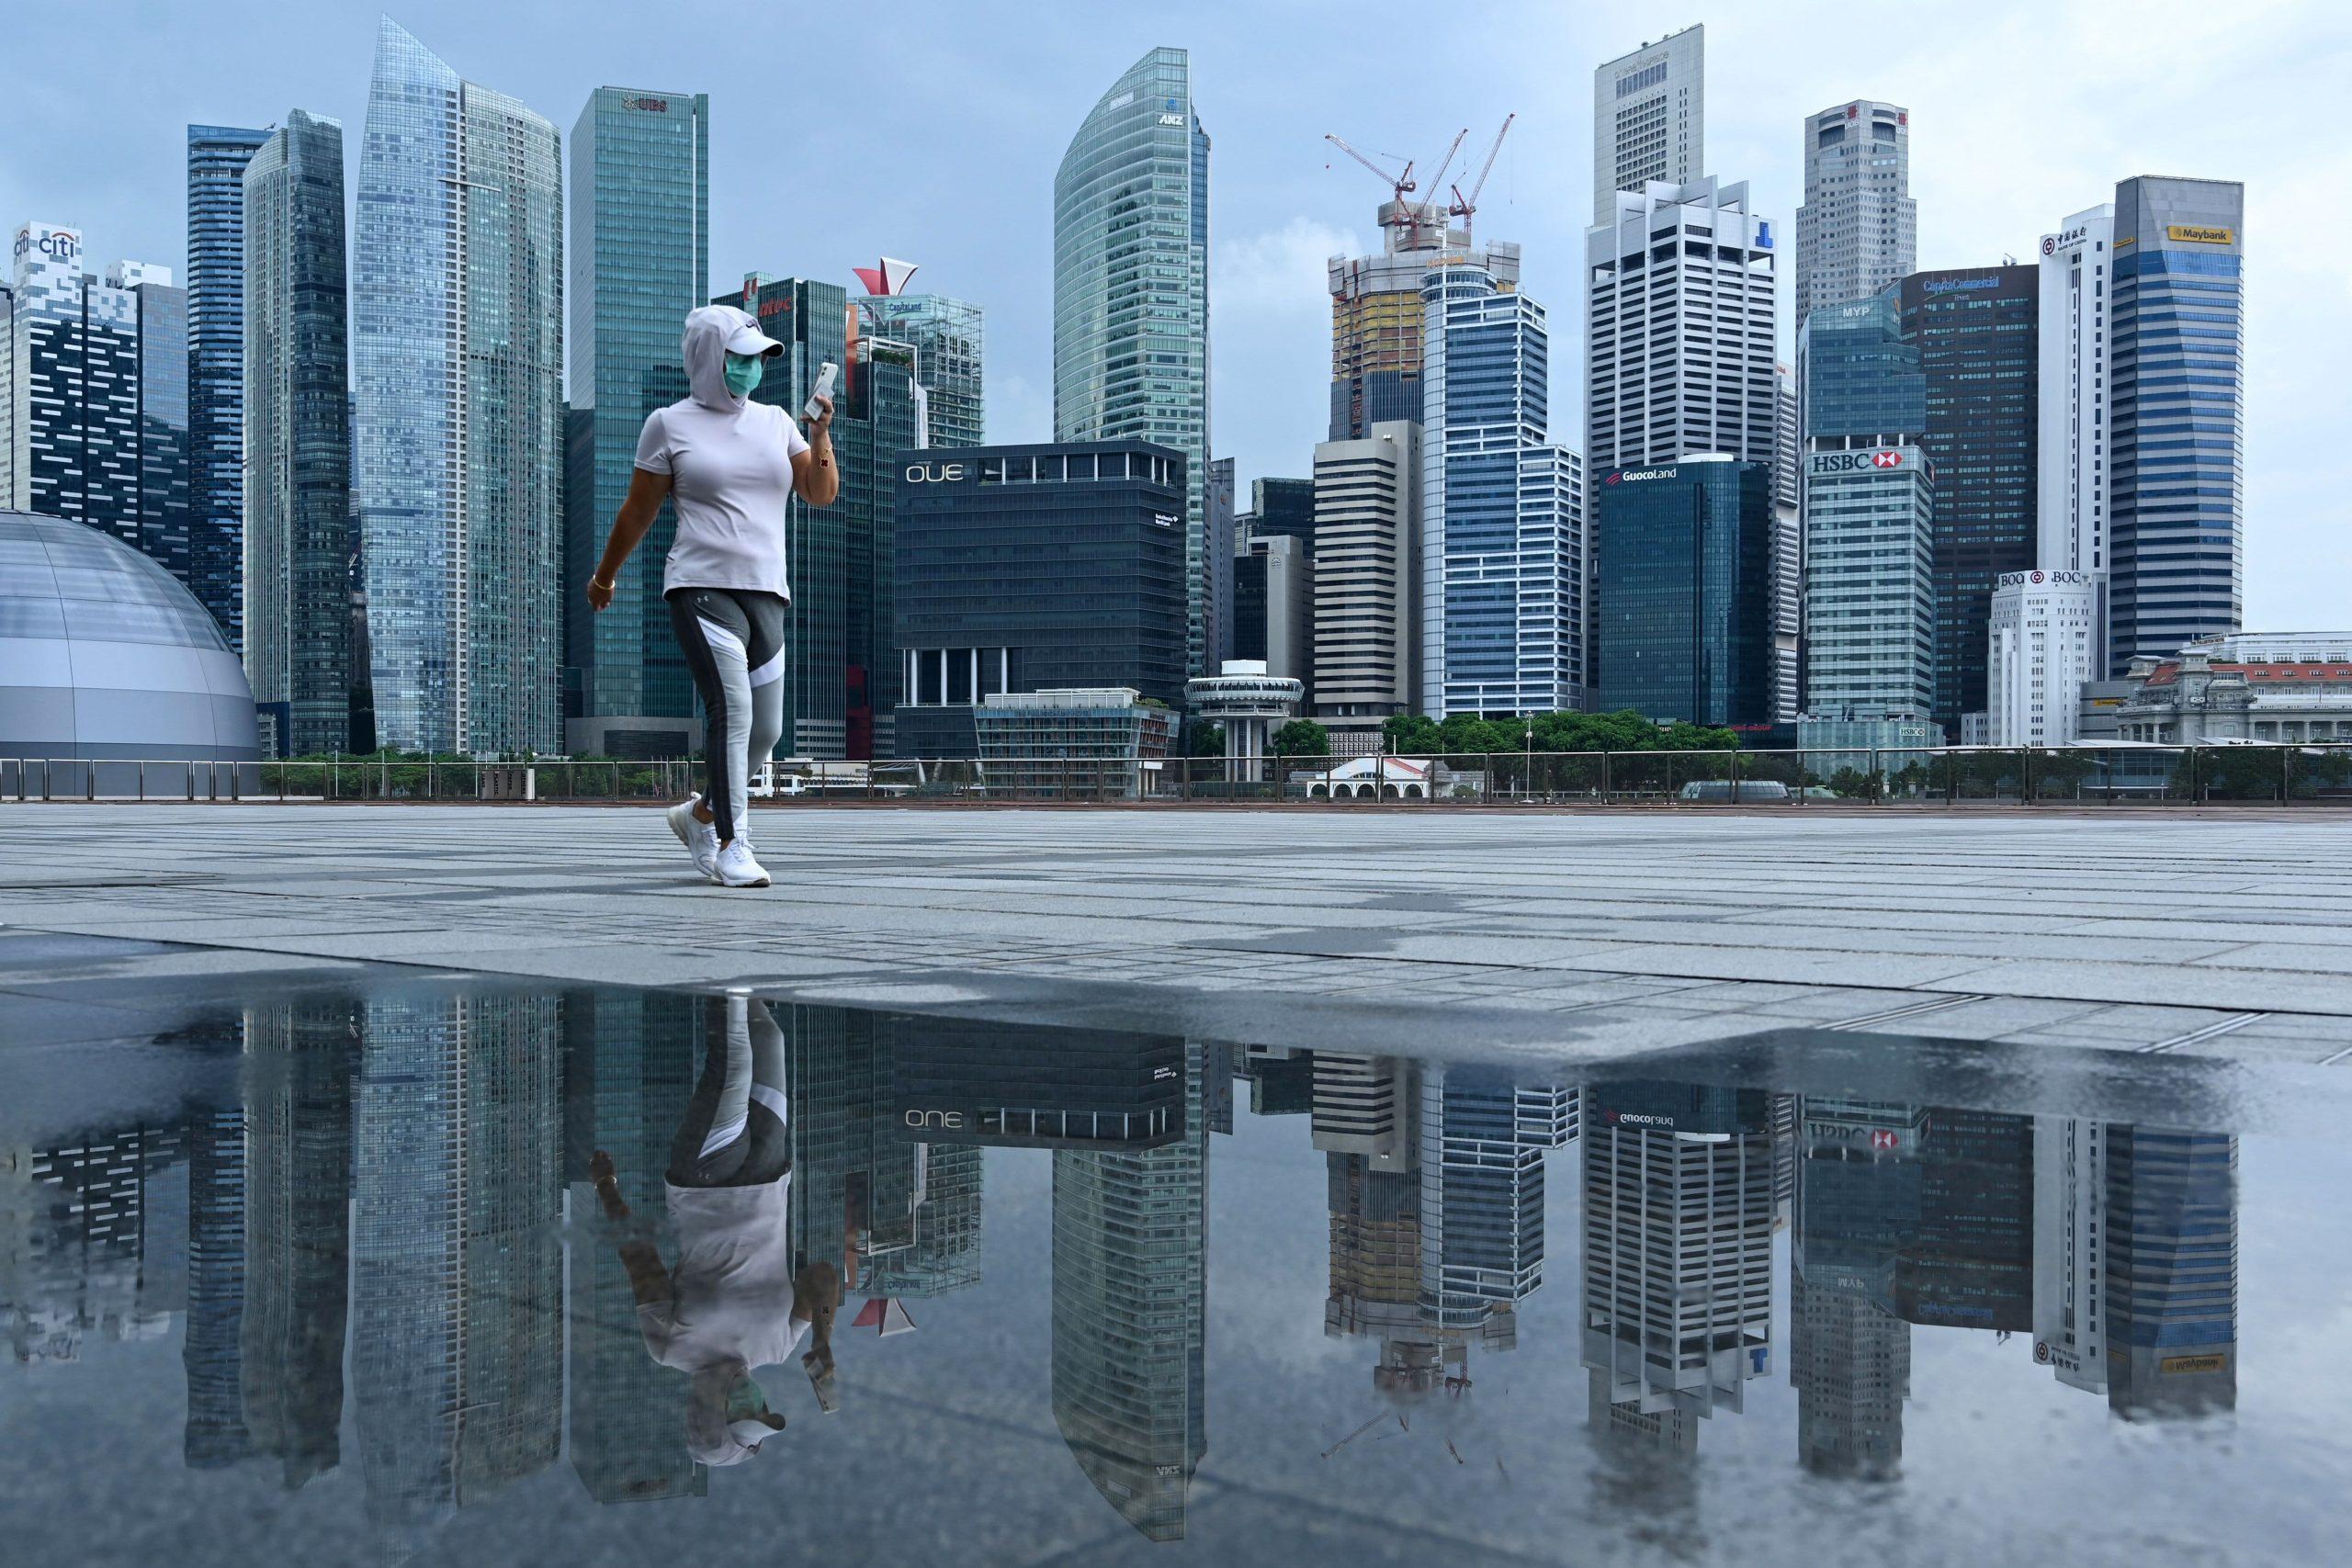 Singapore inizia ad allentare le restrizioni Covid mentre le infezioni quotidiane diminuiscono